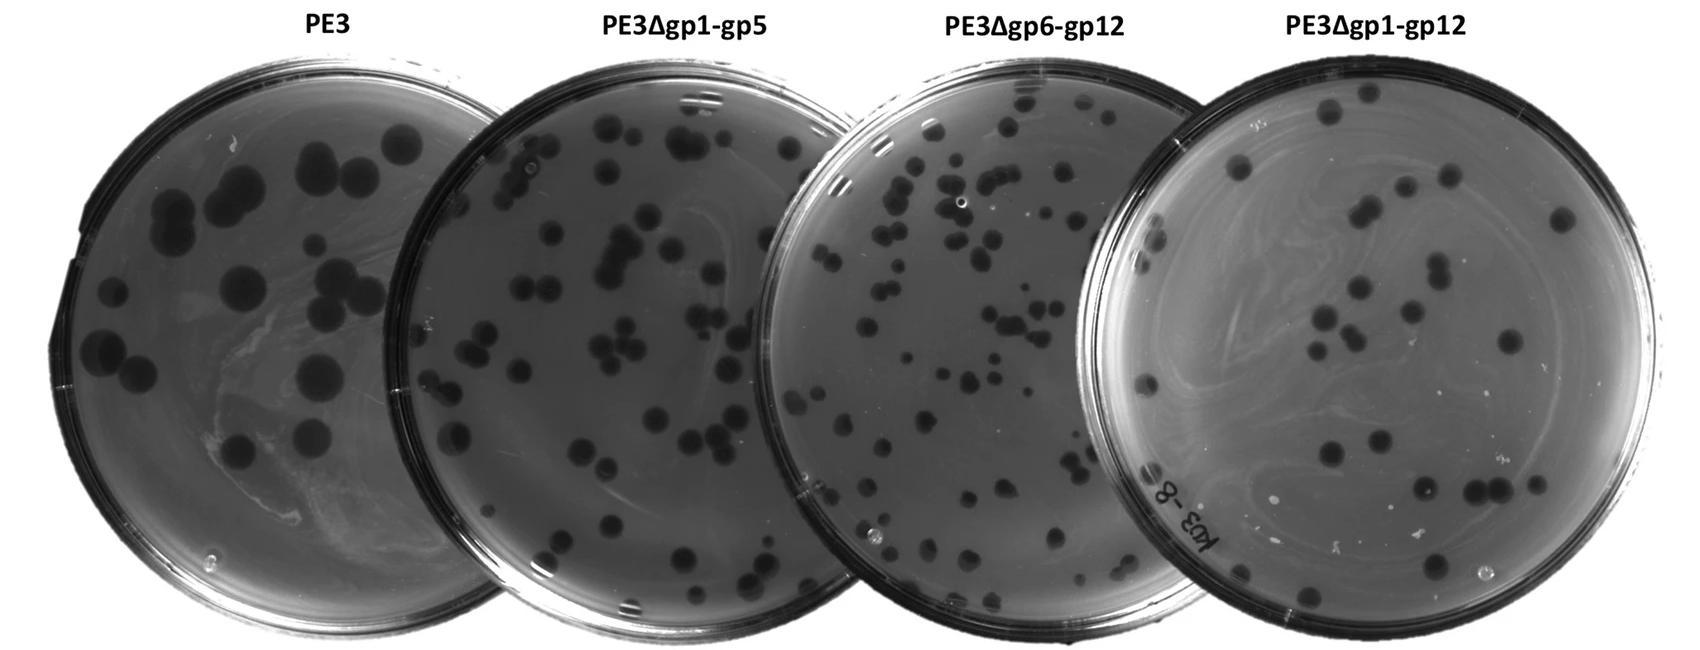 Созданы первые синтетические бактериофаги